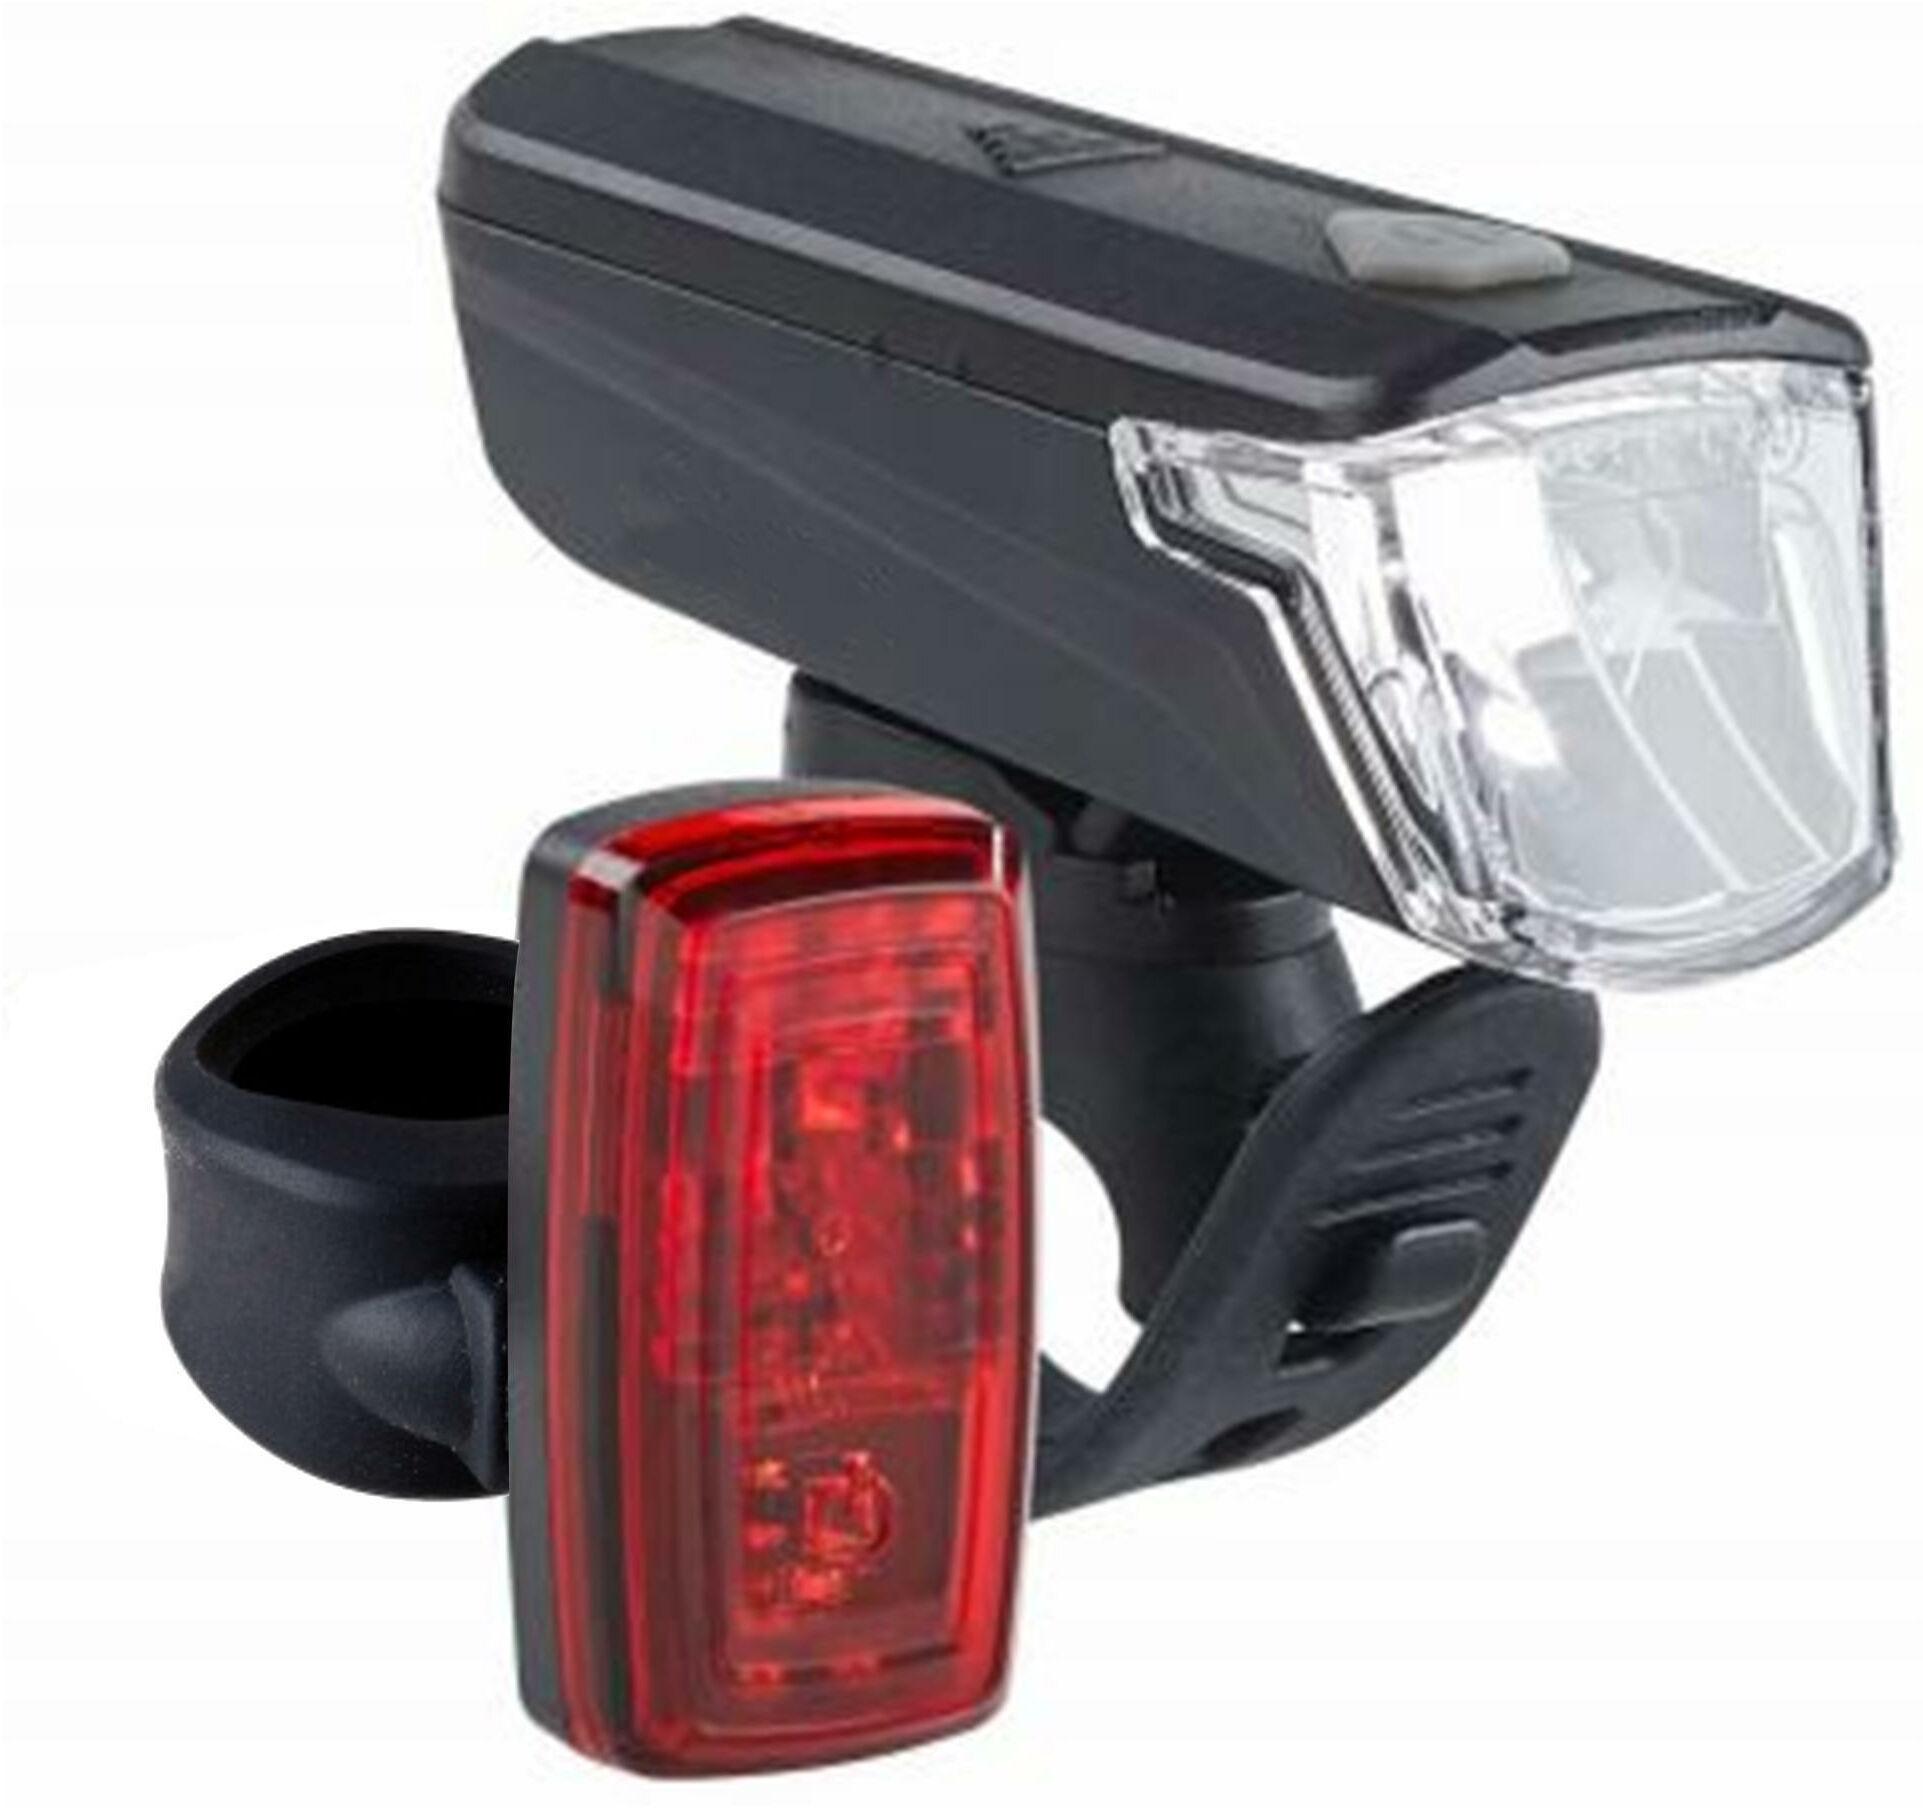 Zestaw Lampek Rowerowych St 110 Przednia/Tylna Na Baterie